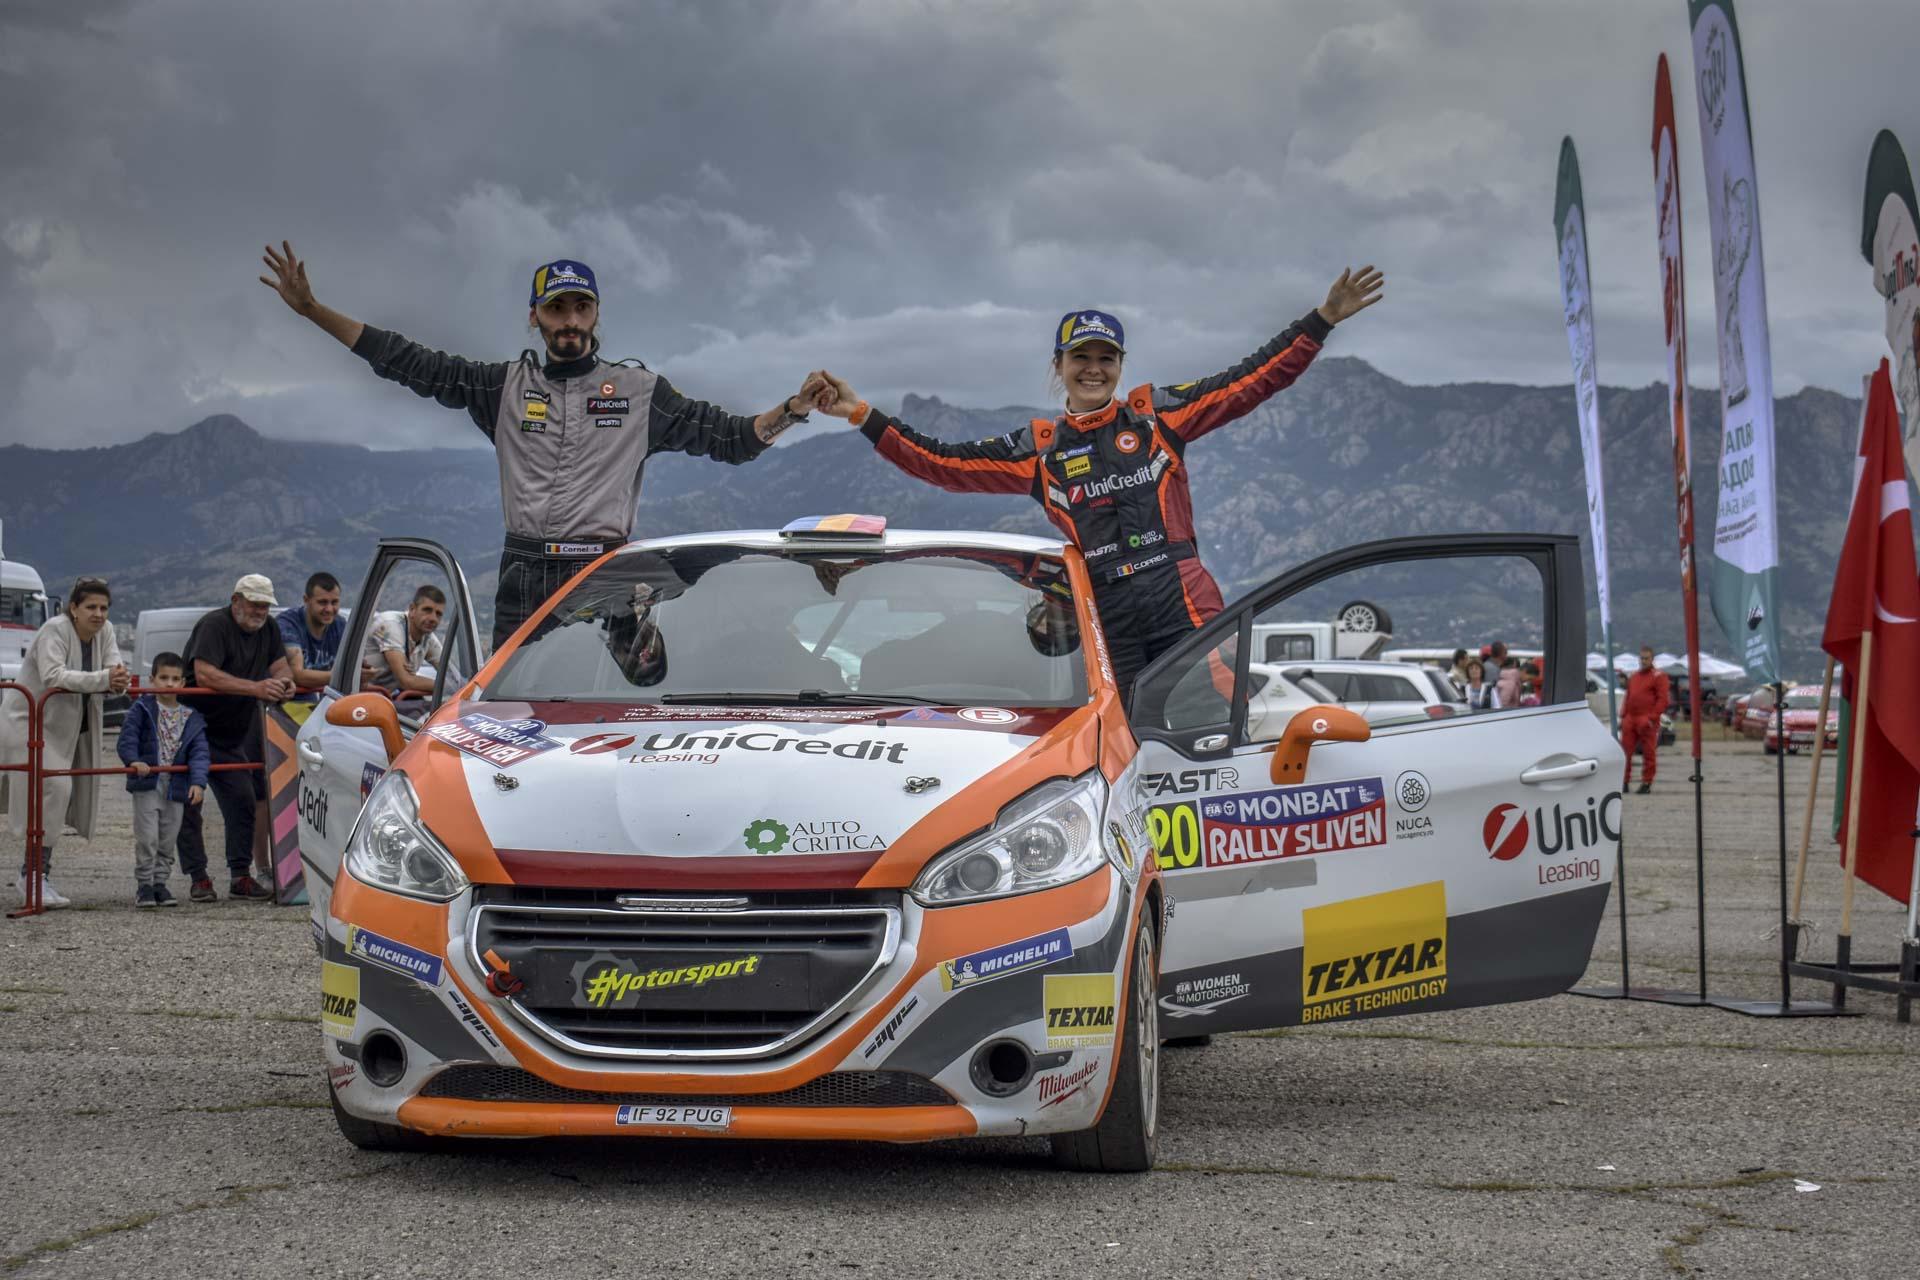 Început promițător în Trofeul Balcanic pentru echipajul Cristiana Oprea/Cornel Șocariciu, cu locul 5 ERT2 la Rally Sliven 2021